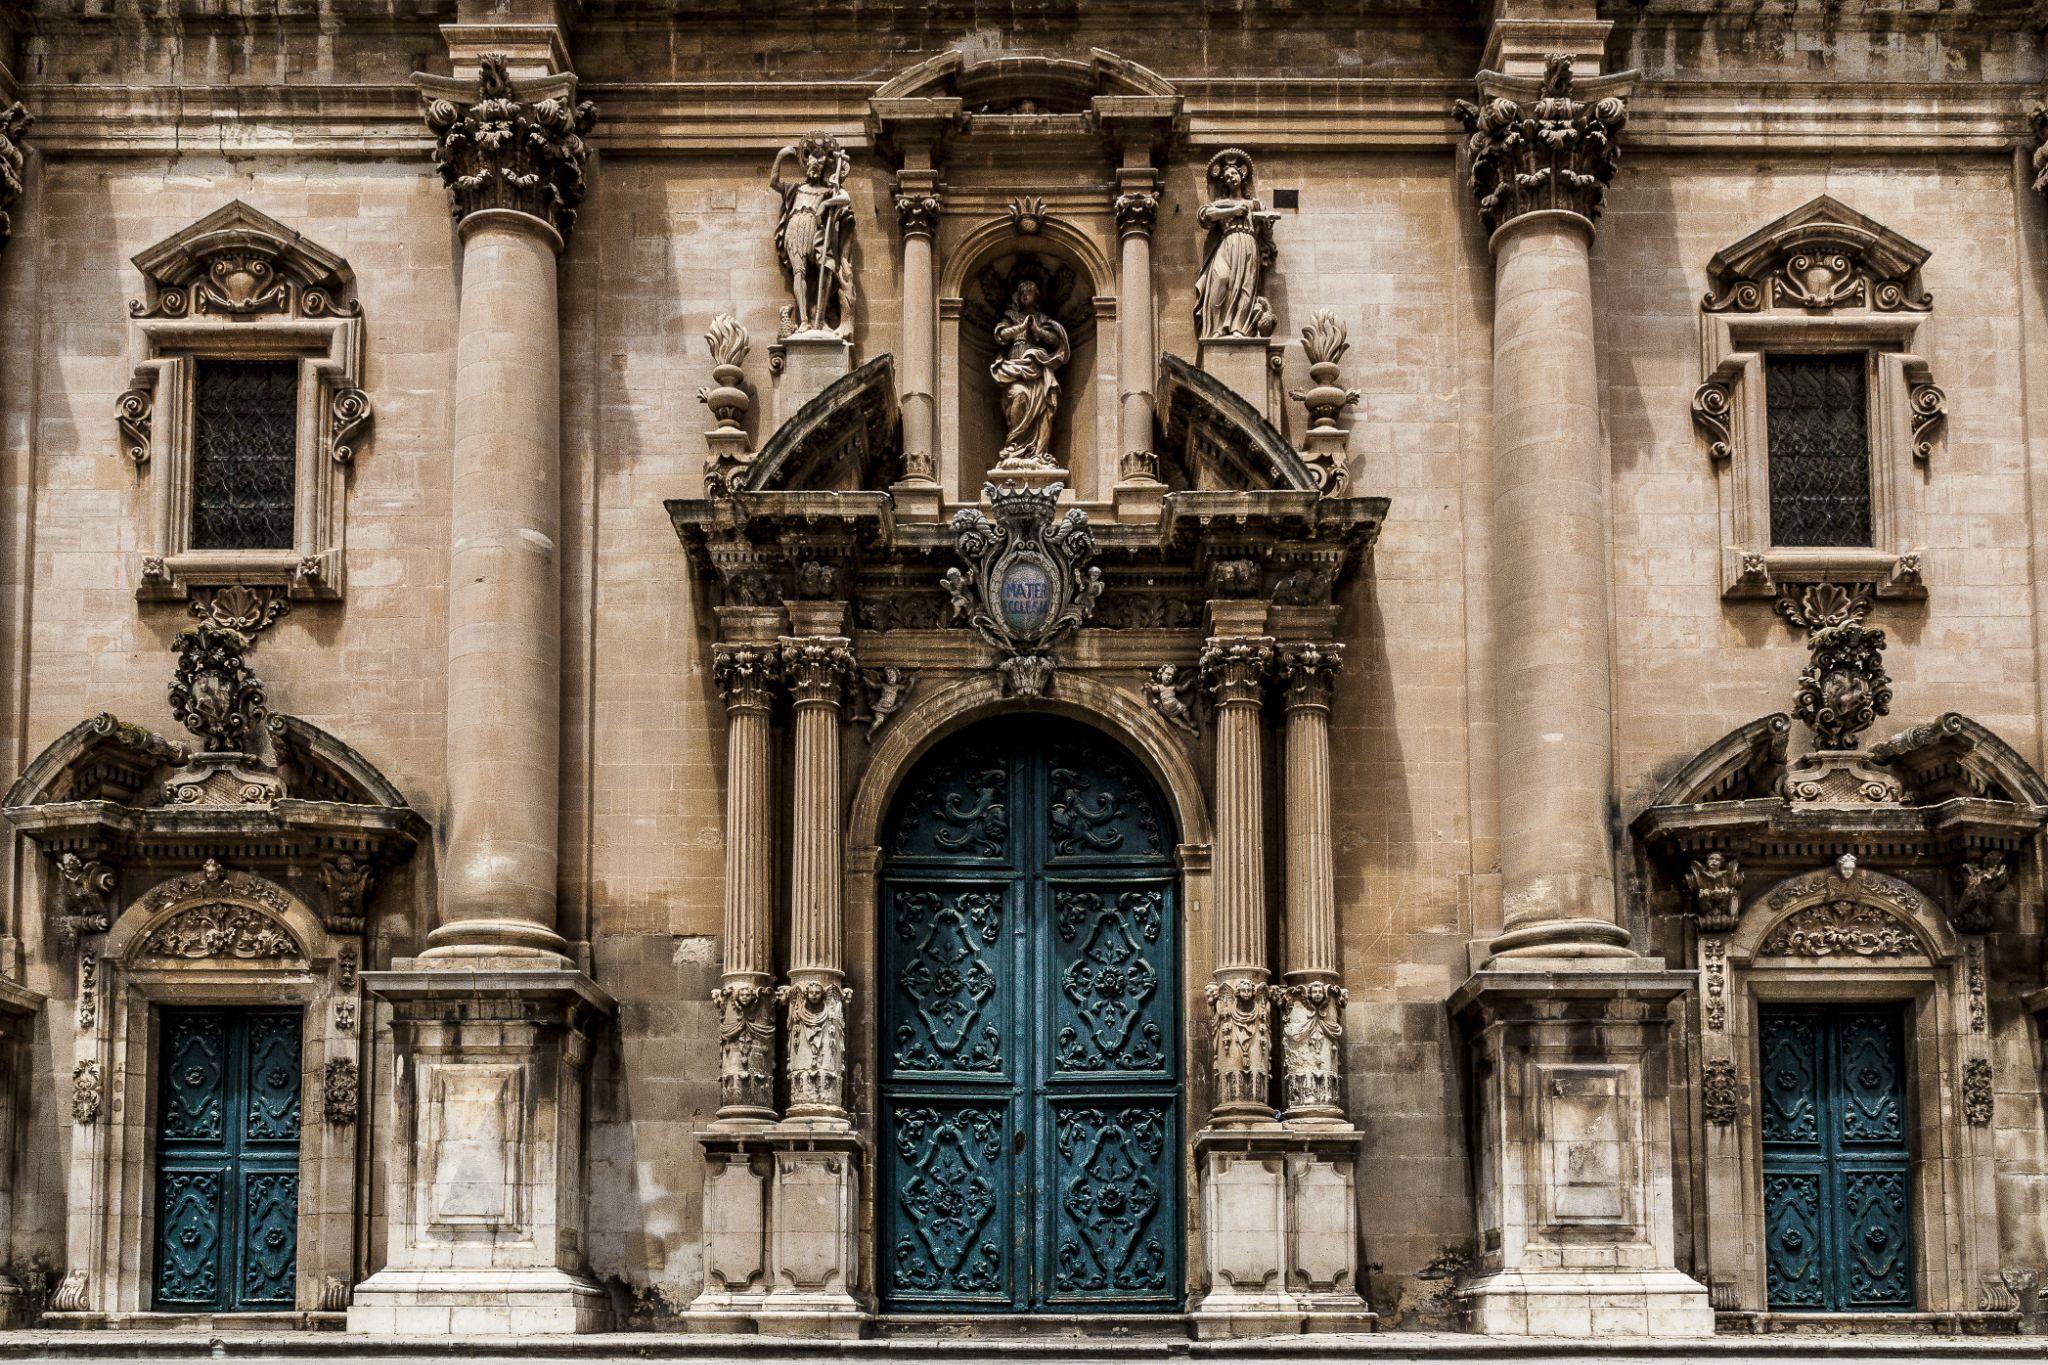 Ragusa Ibla Barocco Siciliano by claudioturrin77